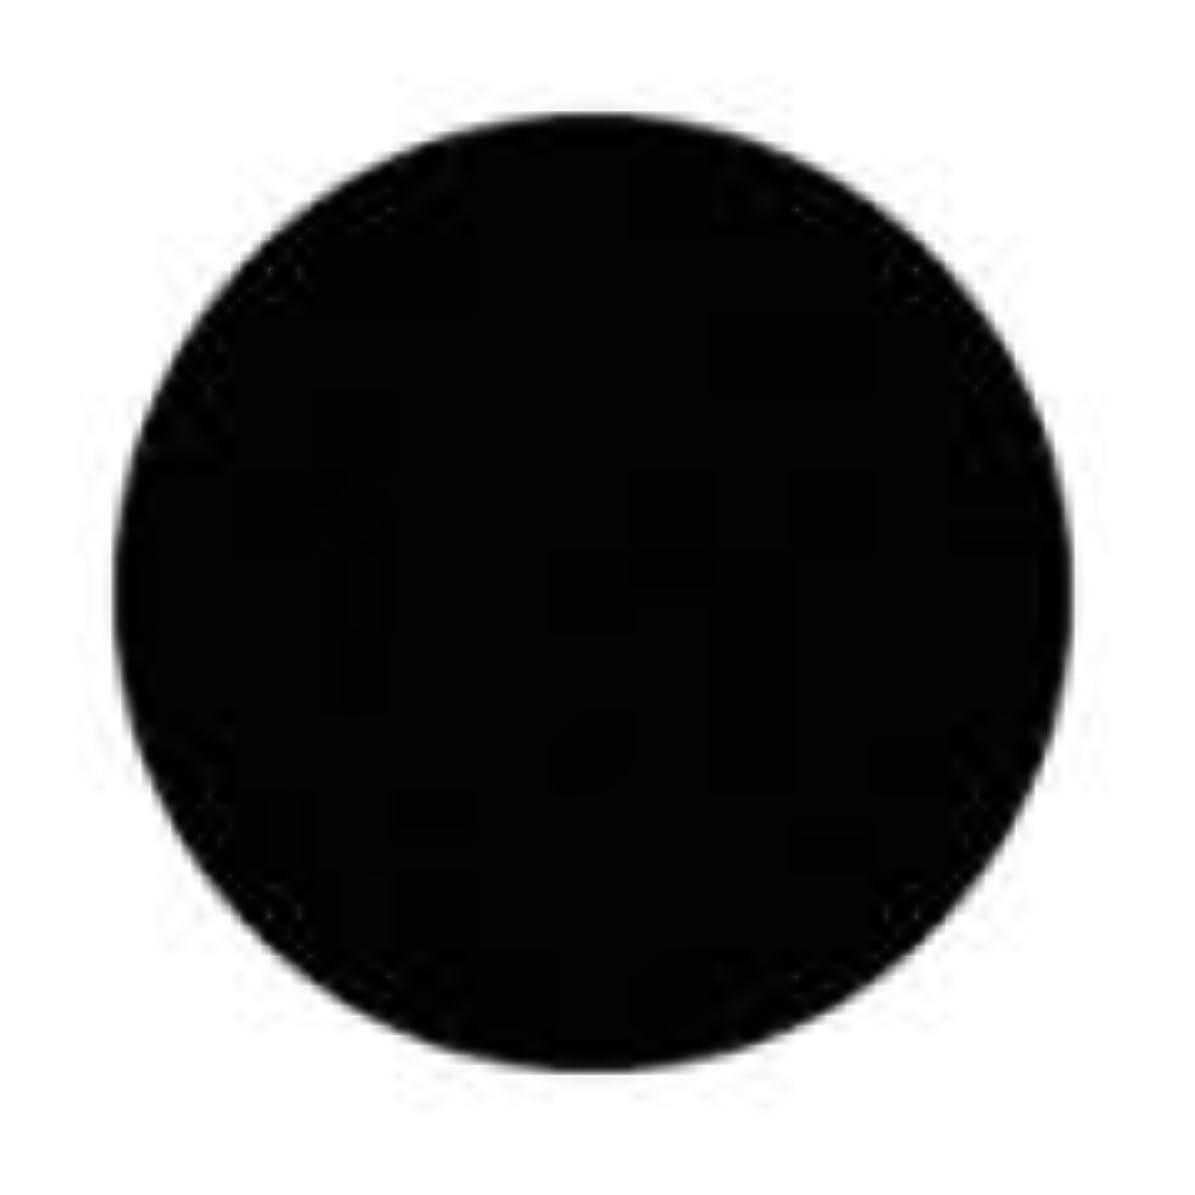 スラダムペパーミント加入Jessica ジェレレーション カラー 15ml  712 サンセットブルーバード